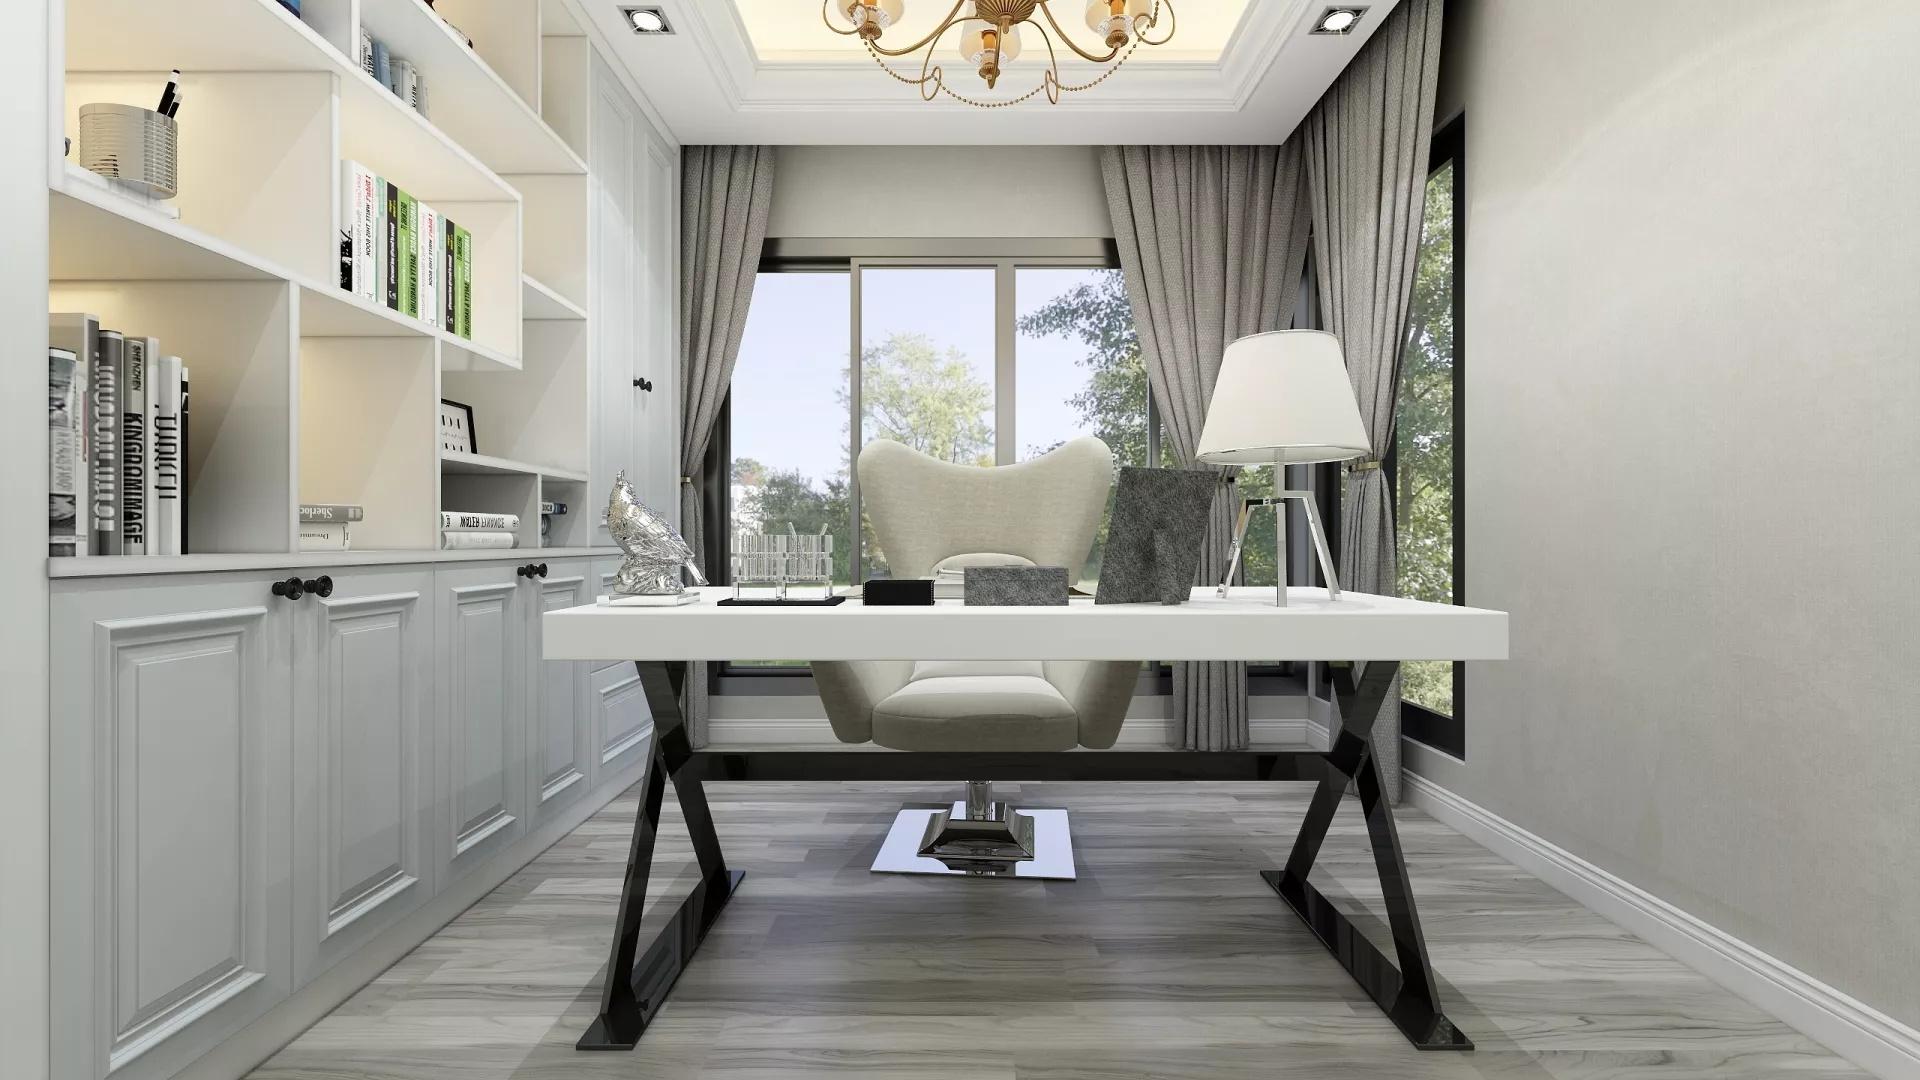 裝修別墅如何選擇裝修公司 選擇可靠裝修公司技巧